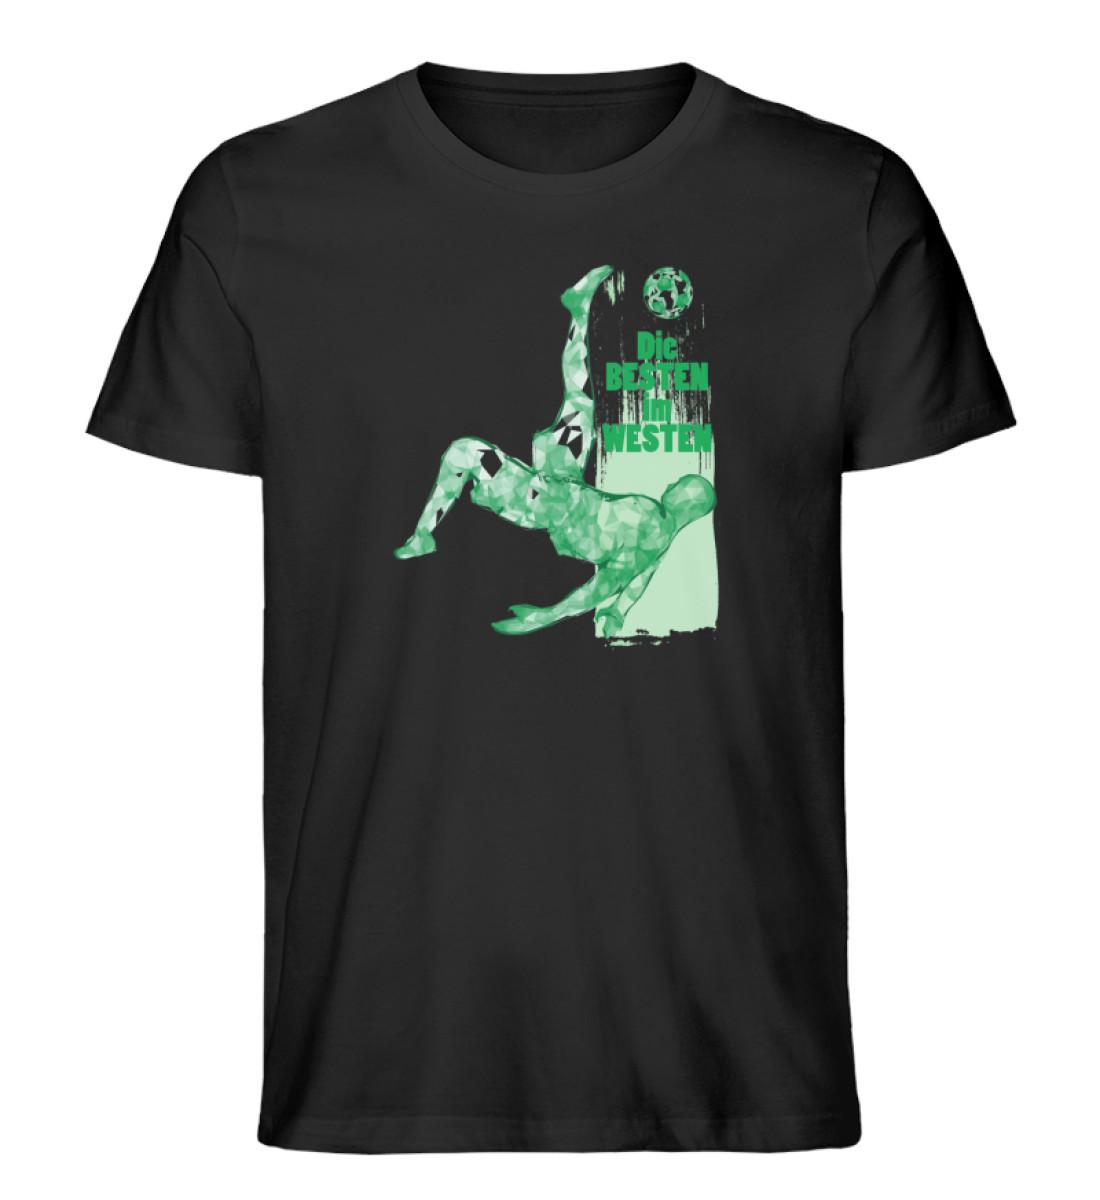 Die Besten im Westen - Herren Premium Organic Shirt-16